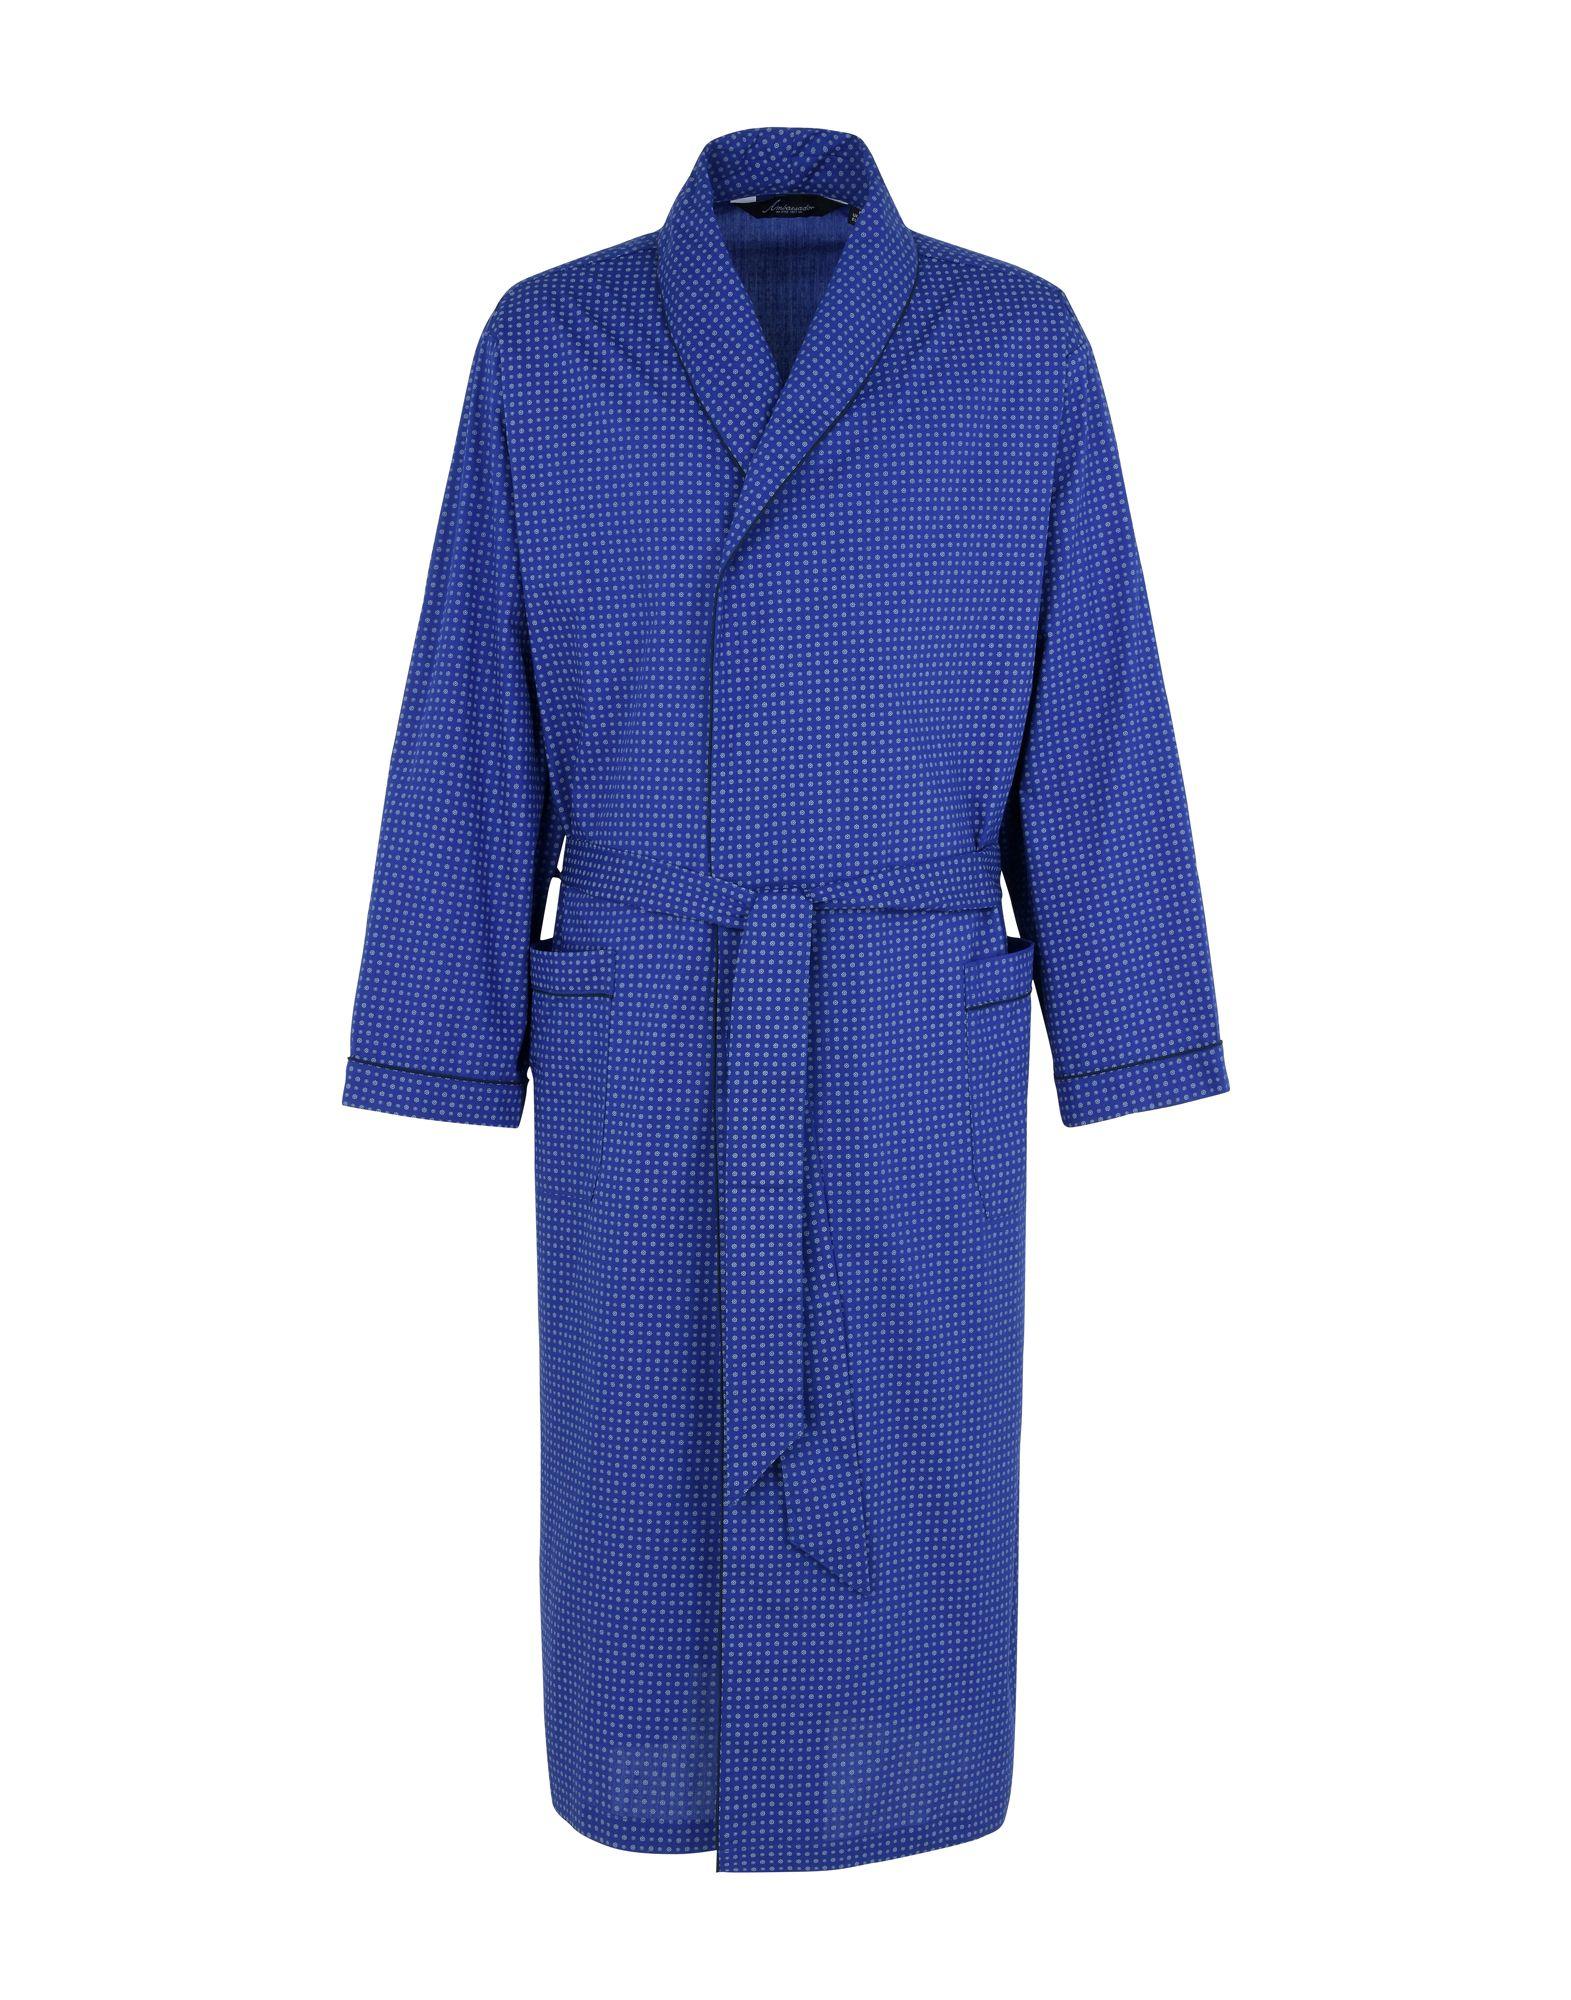 《送料無料》AMBASSADOR メンズ ドレスガウン ブルー 46 コットン 100% Gown